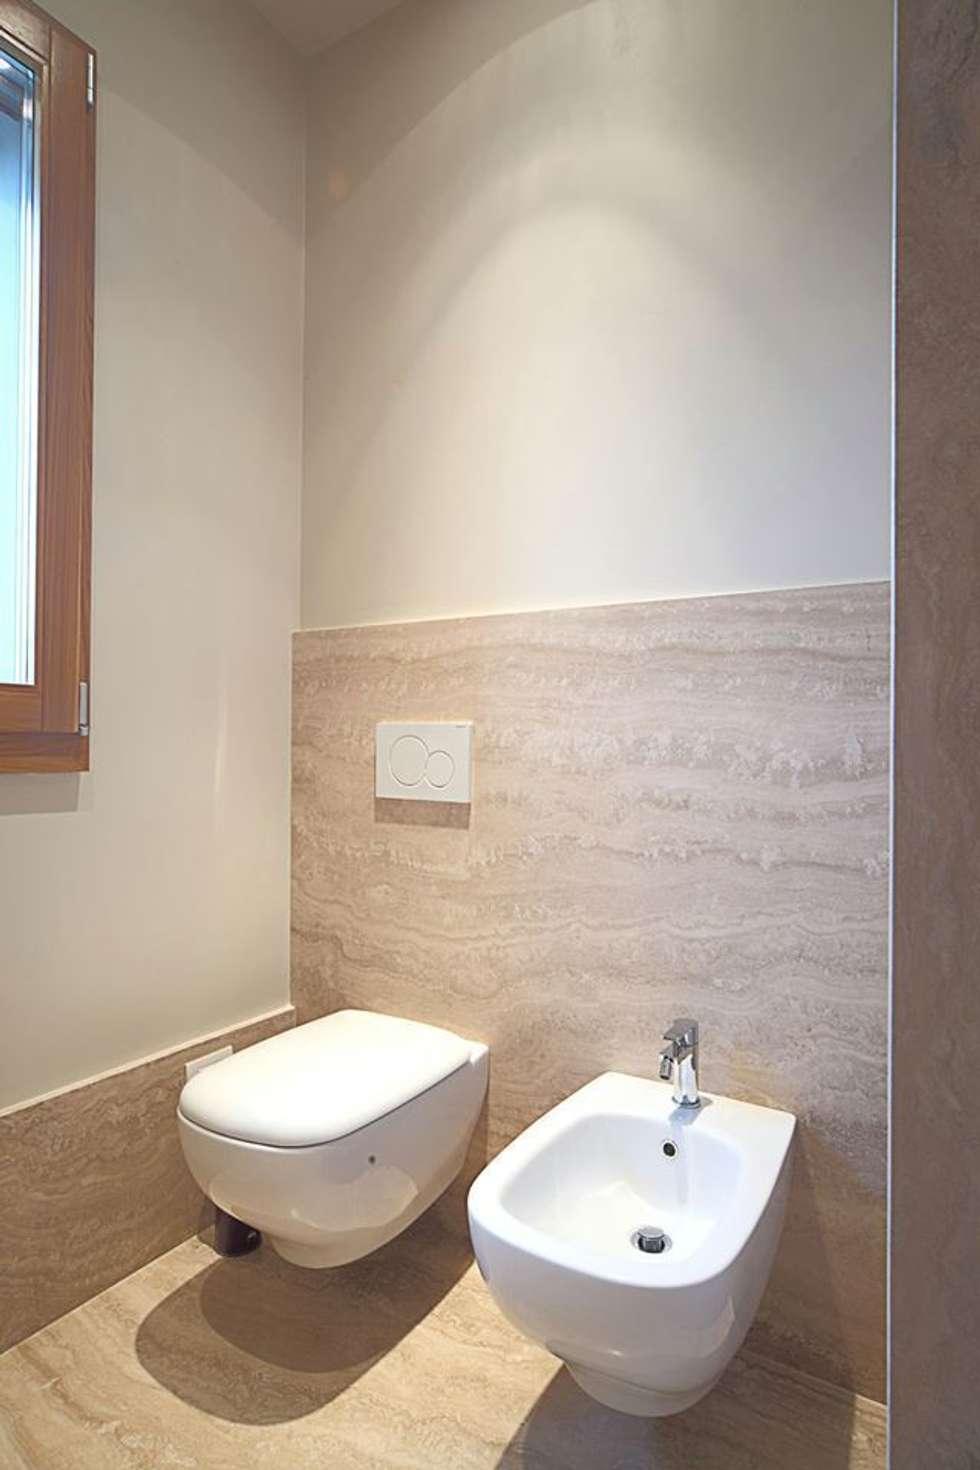 Pavimenti e bagno cheap bagni pavimenti arredamento bagno with pavimenti e bagno cheap - Pavimenti bagno prezzi ...